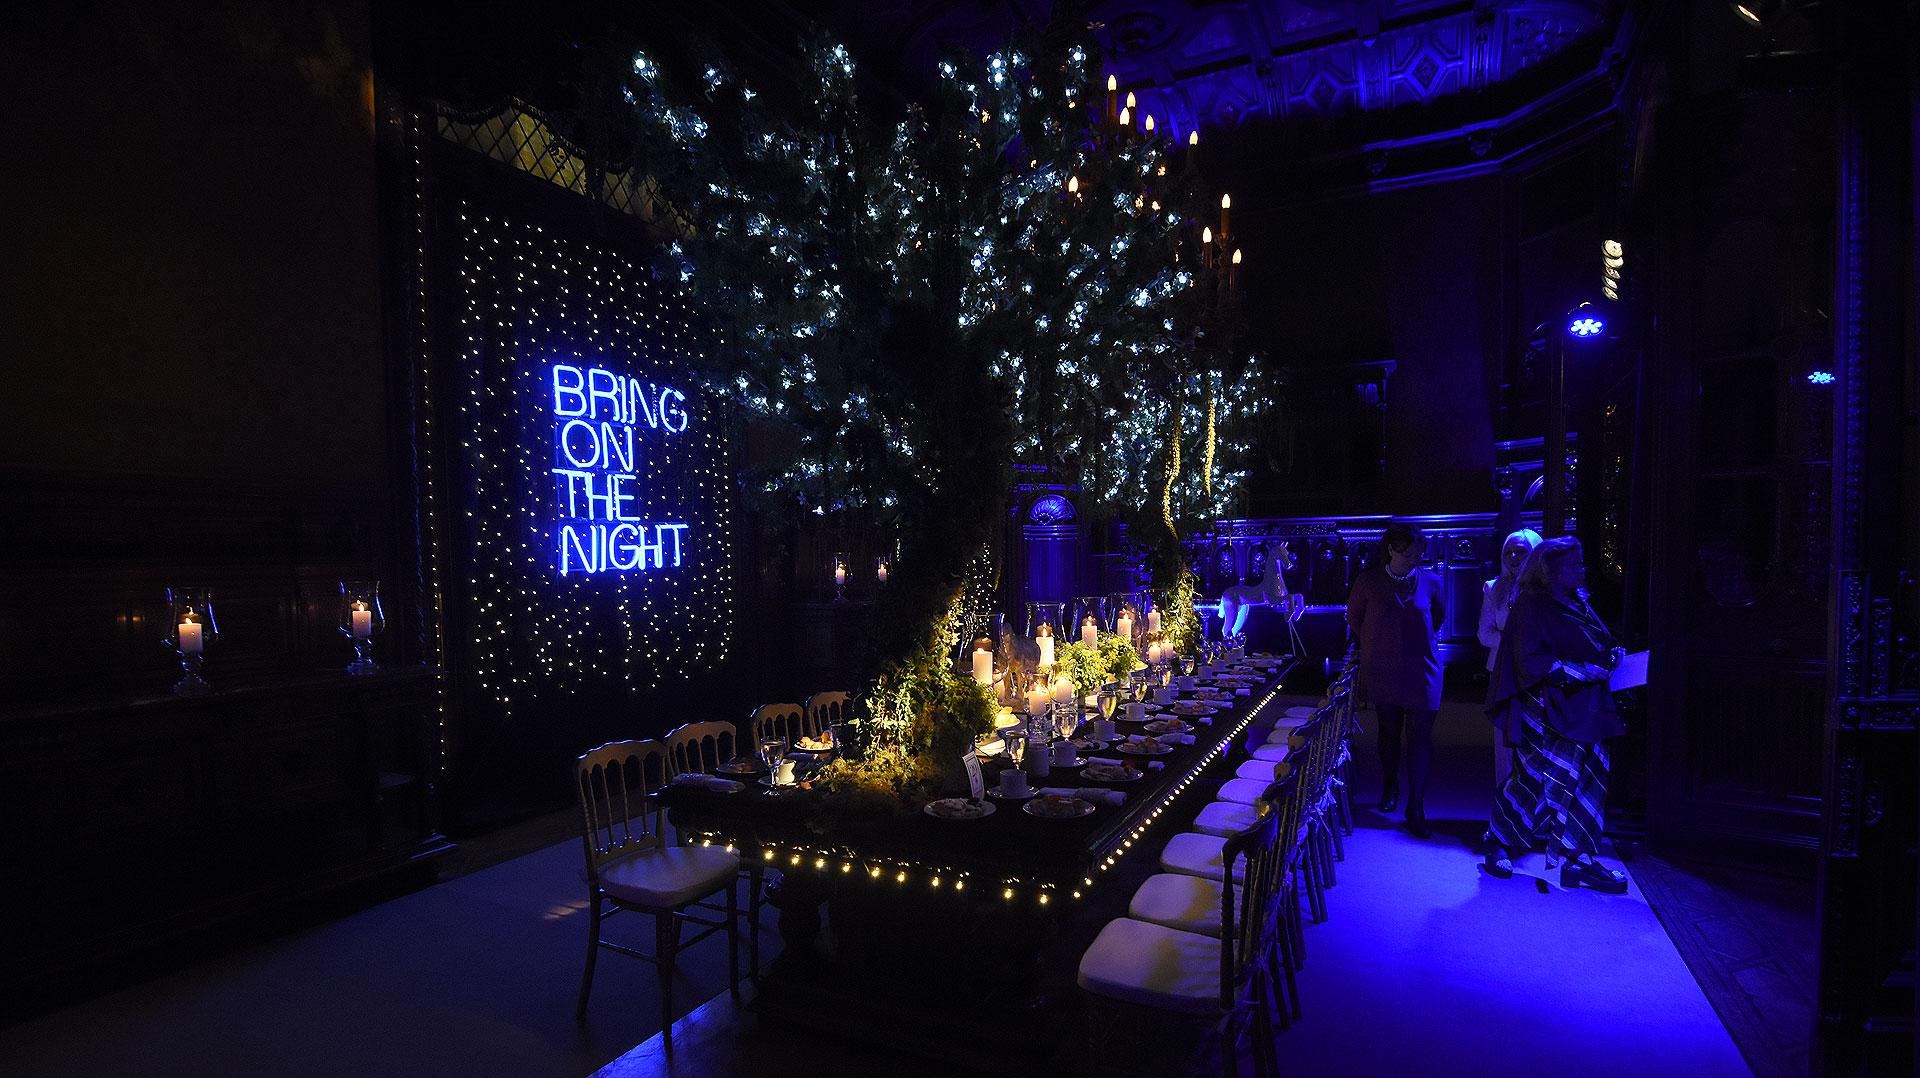 Un estilo boscoso, con luces LED alrededor de la mesa, fanales sobre cápsulas de vidrio y vajilla en blanco